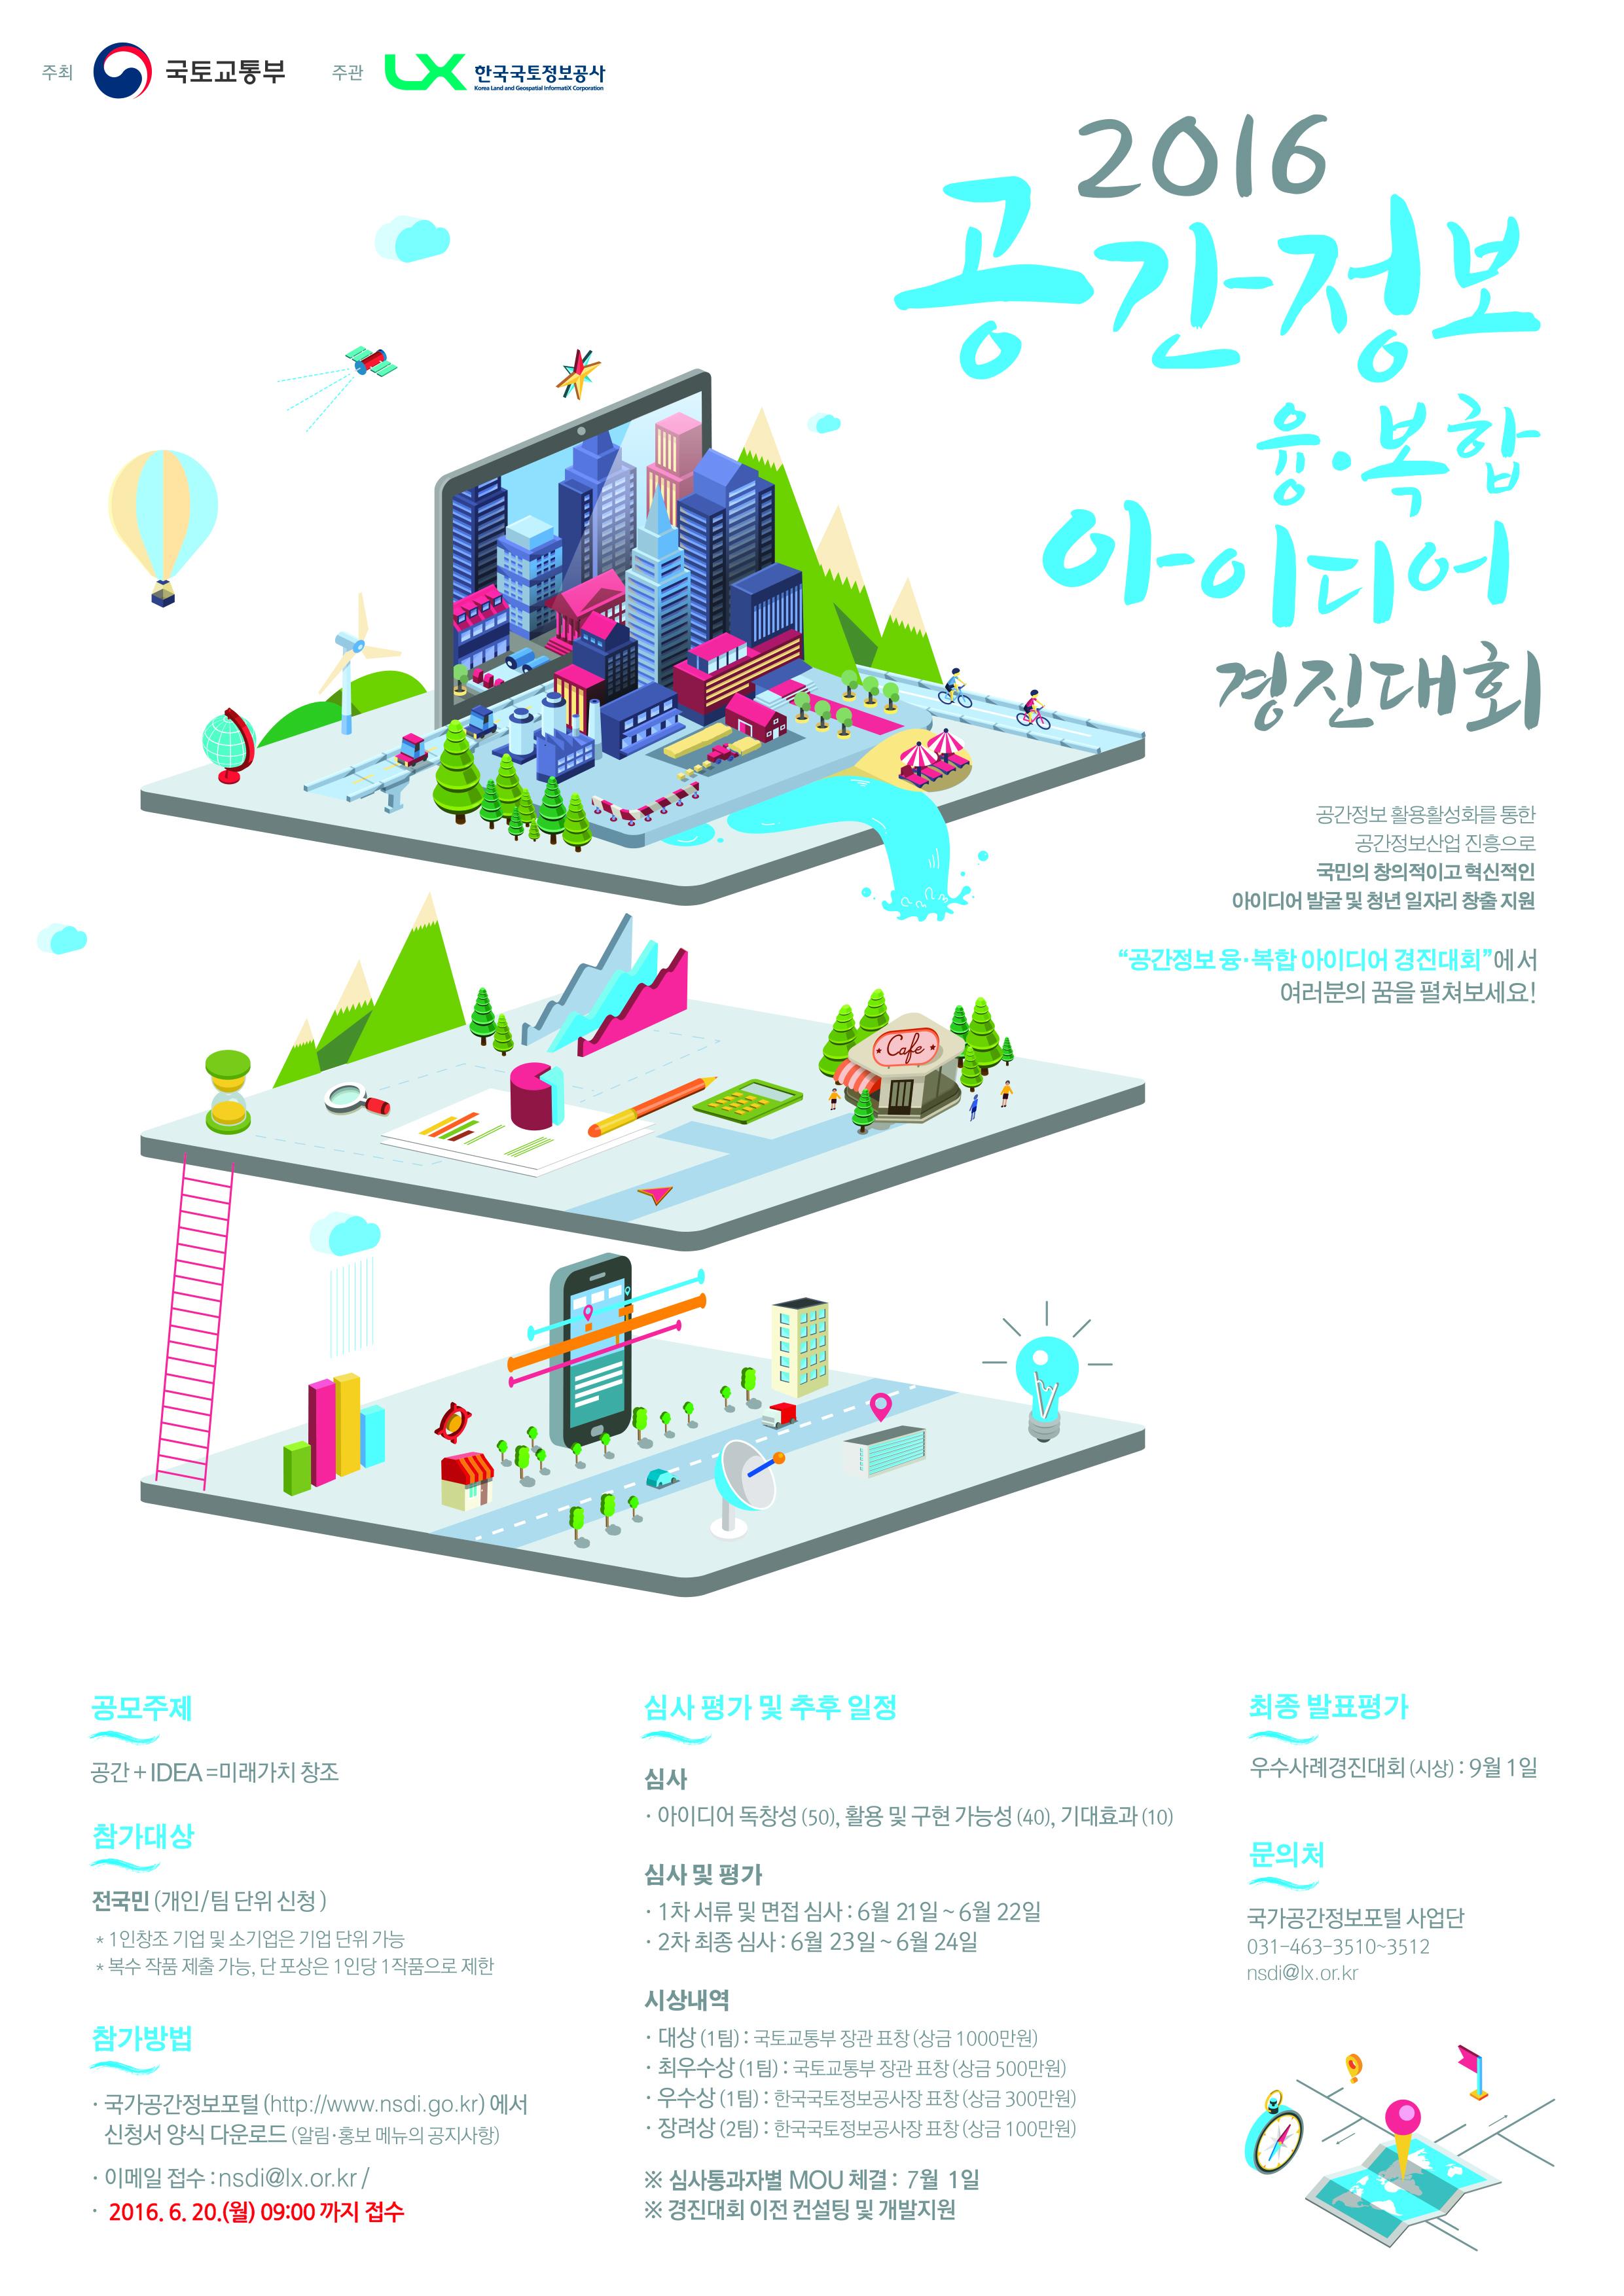 2016 공간정보 융복합 아이디어 경진대회 포스터.jpg